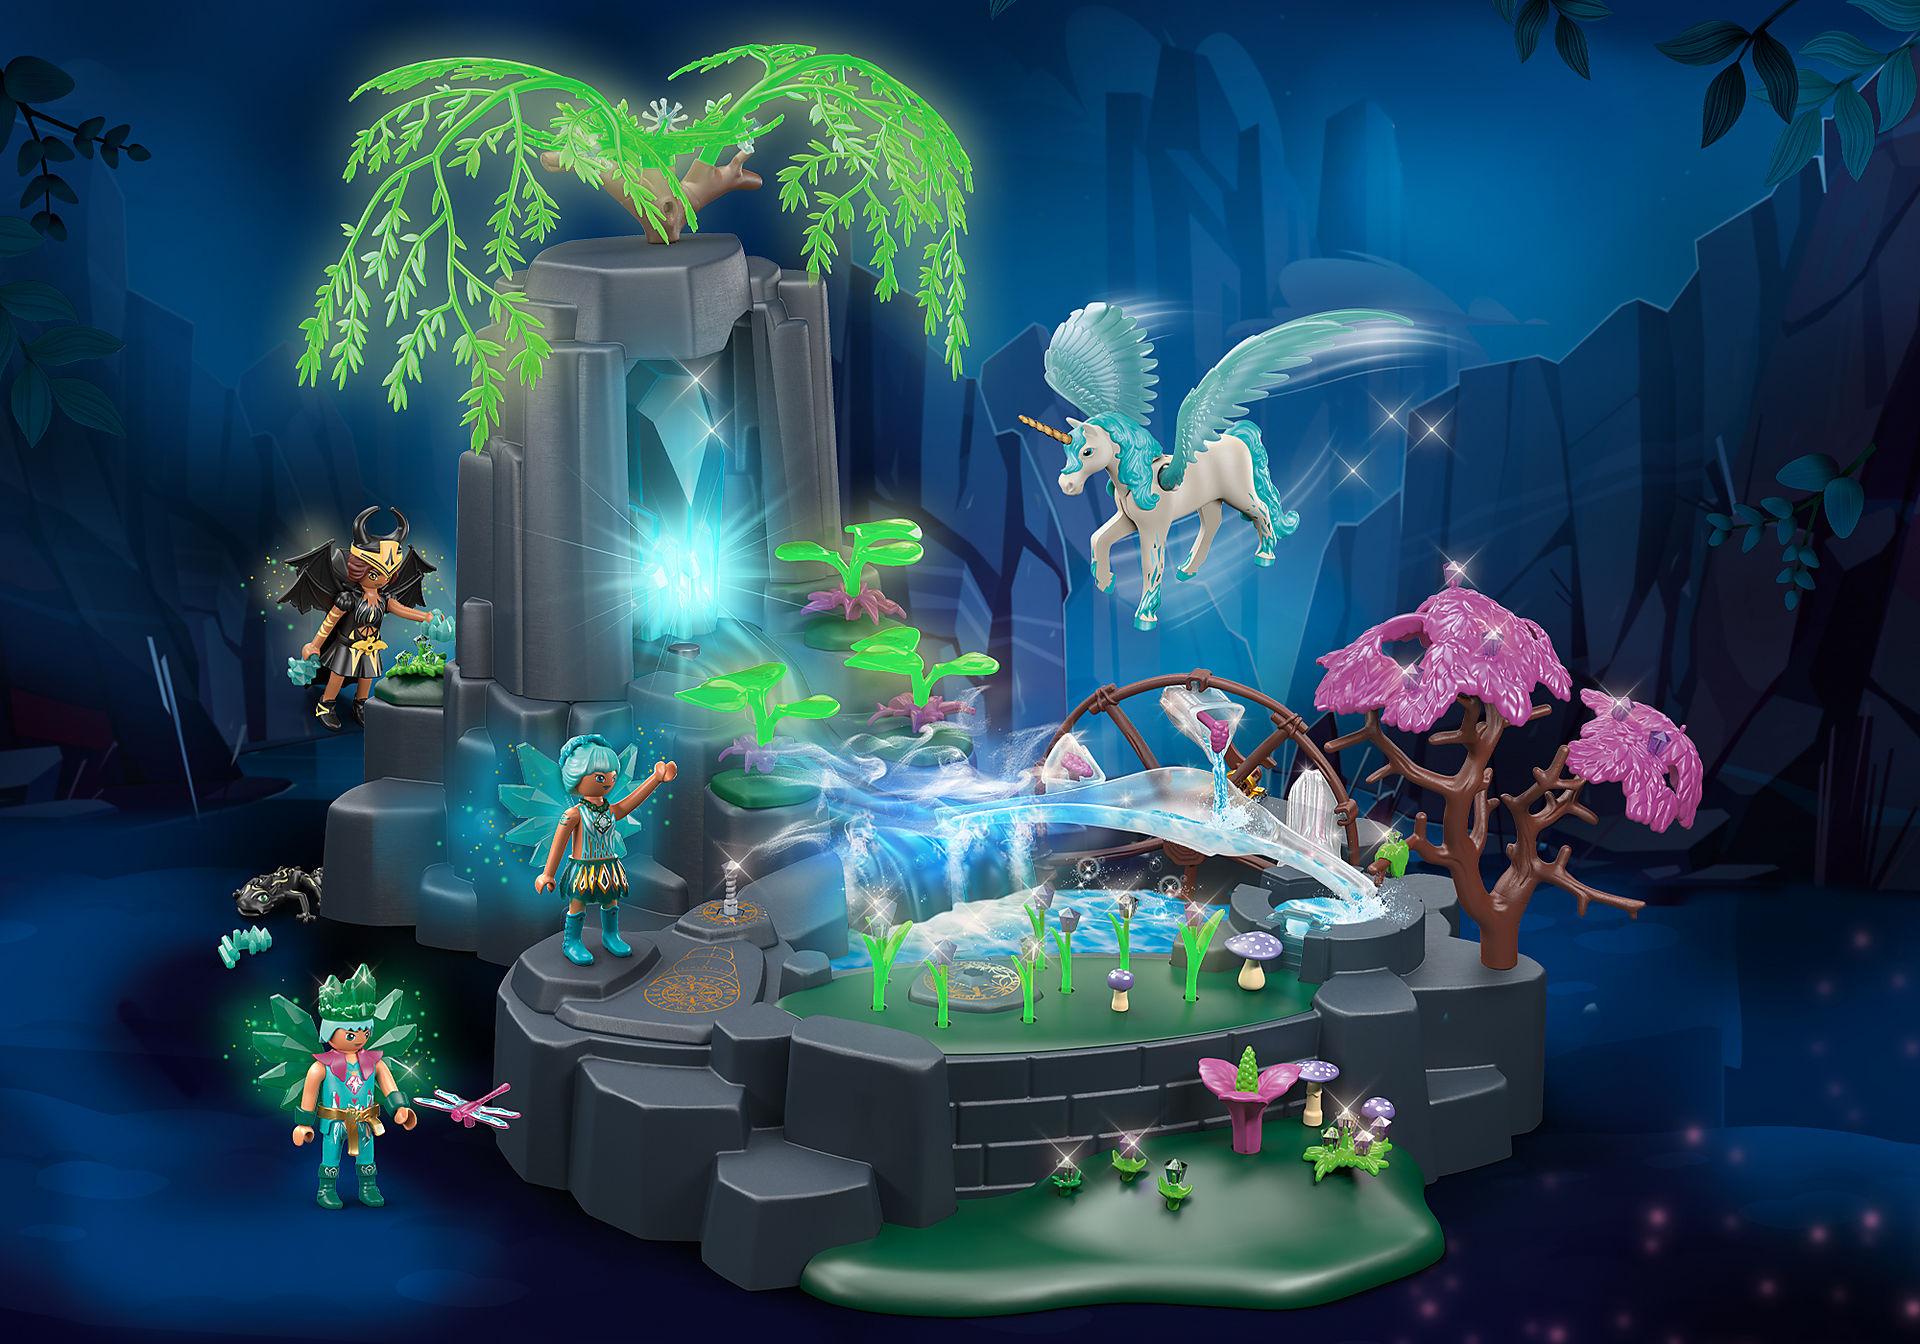 70800 Fonte de energia mágica zoom image1